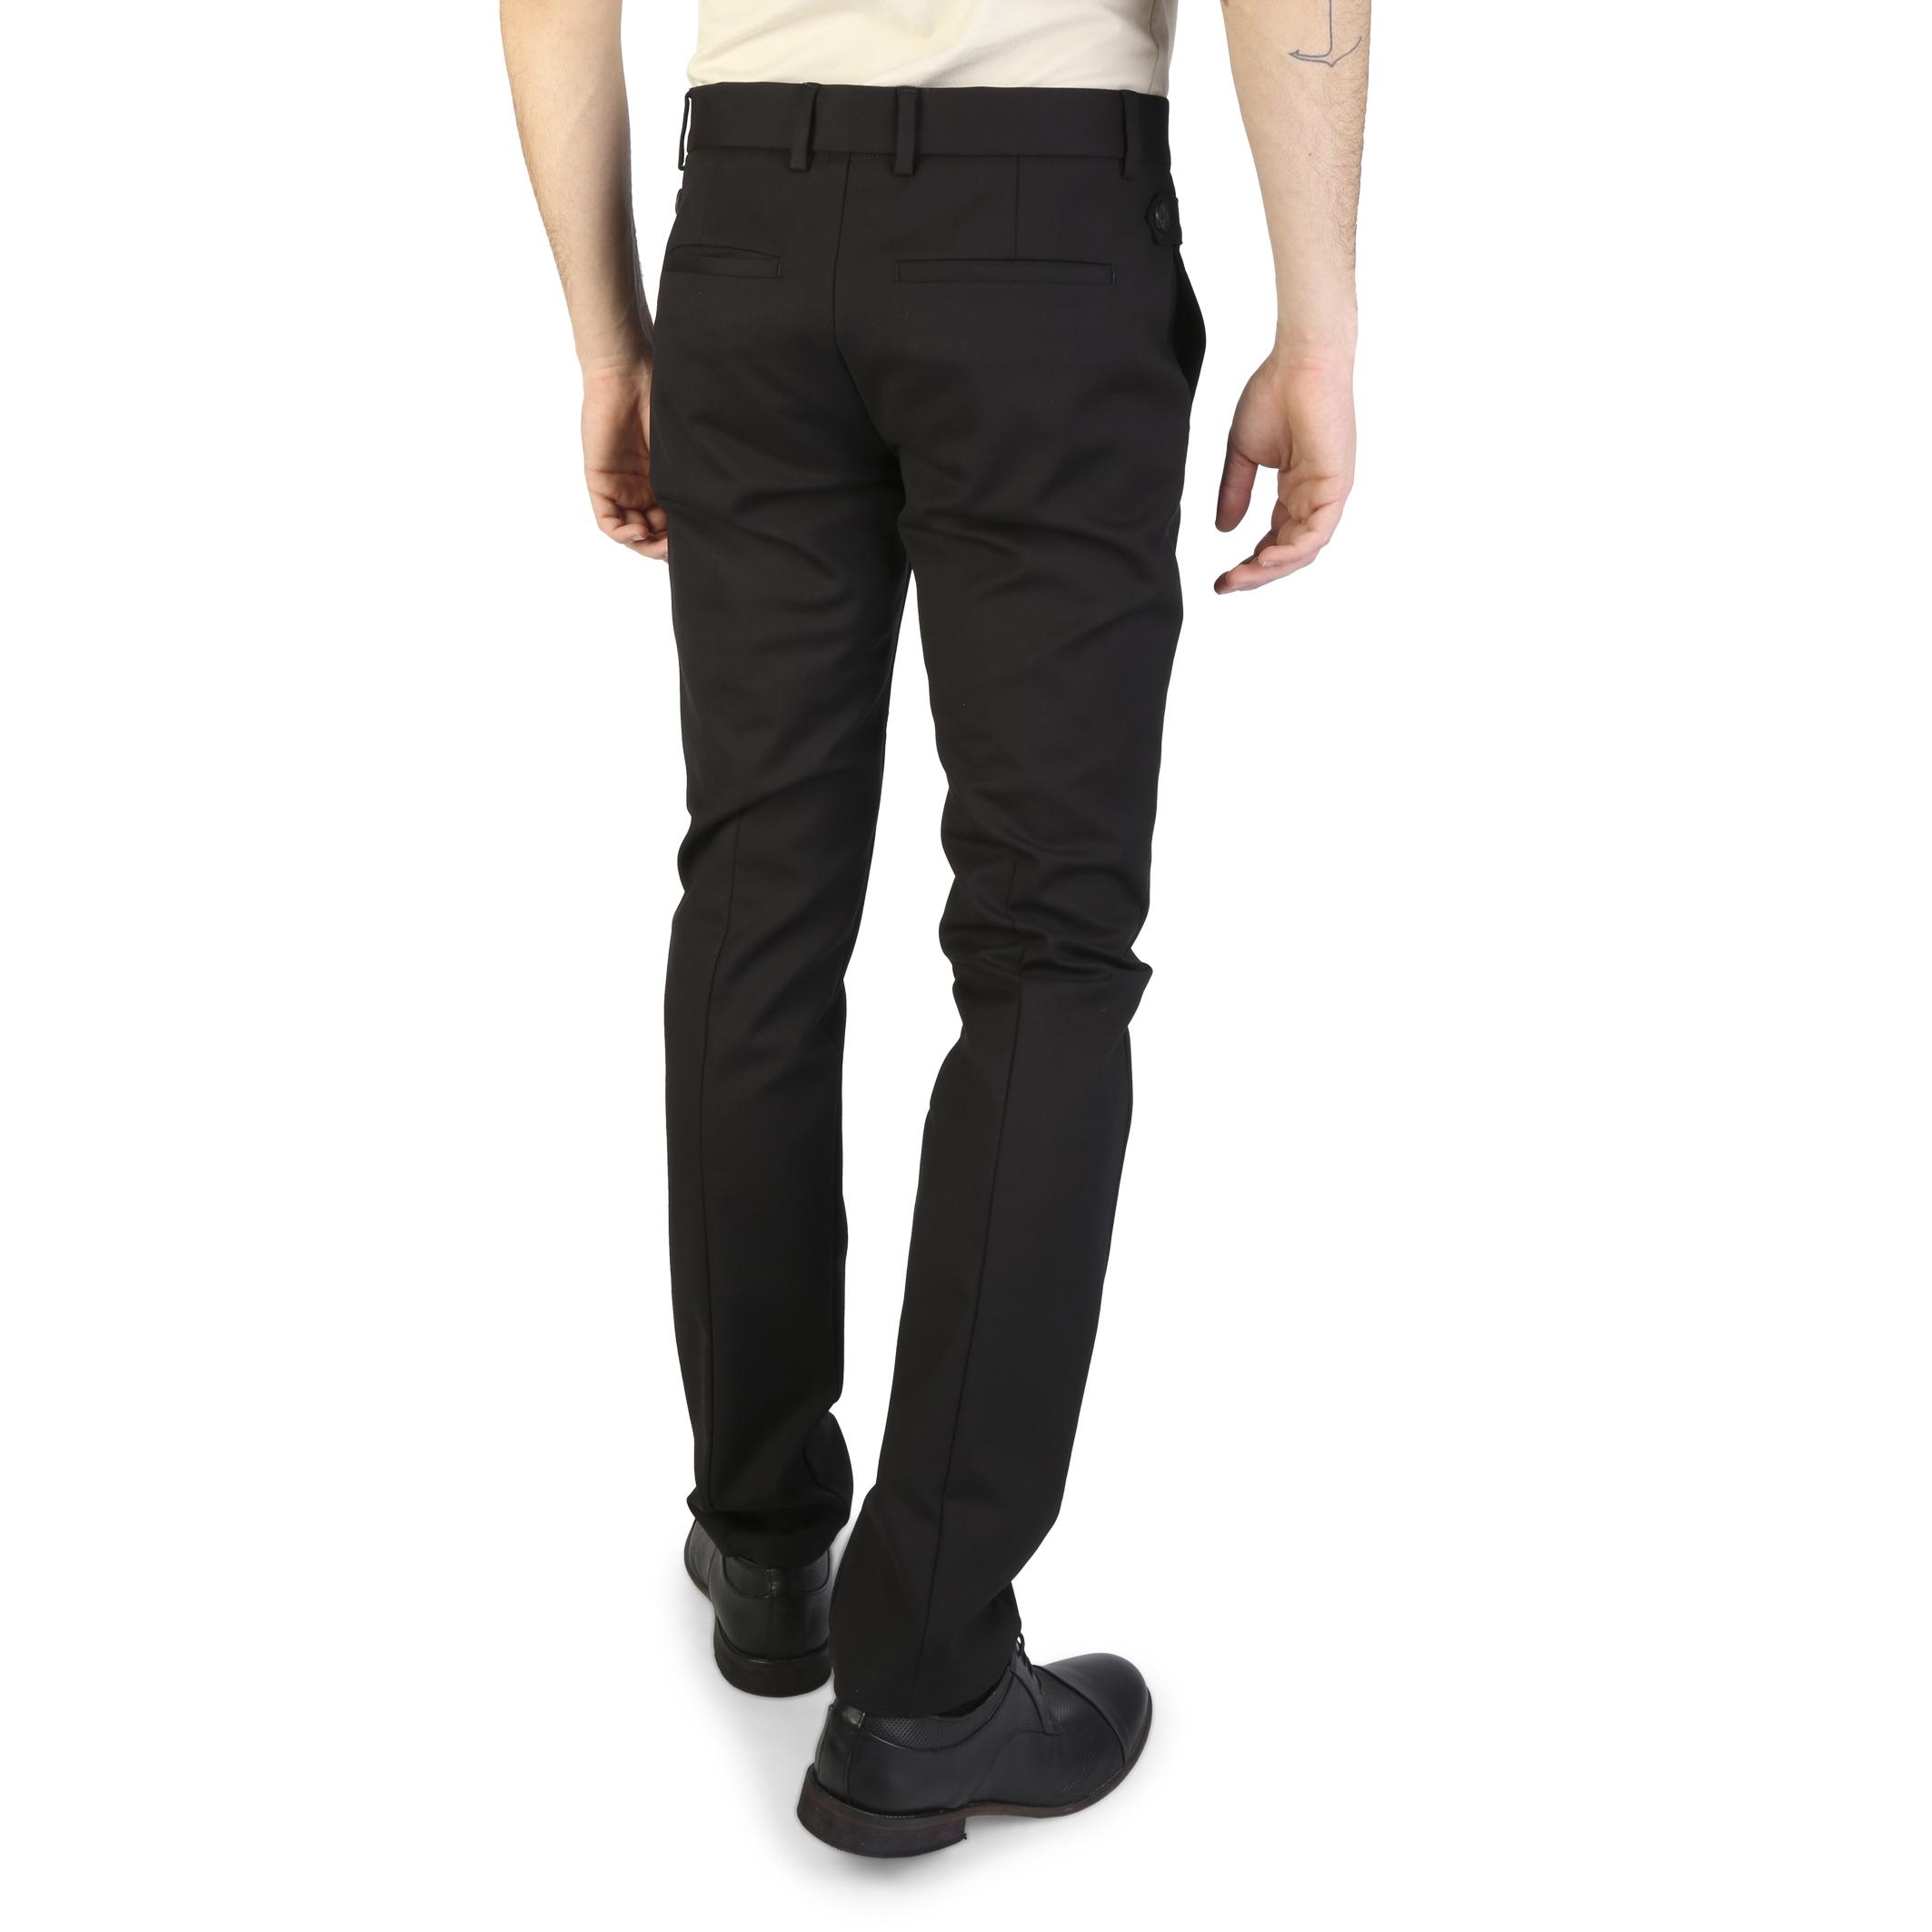 Pantaloni Emporio Armani U1P860_U1015 Uomo Nero 97275